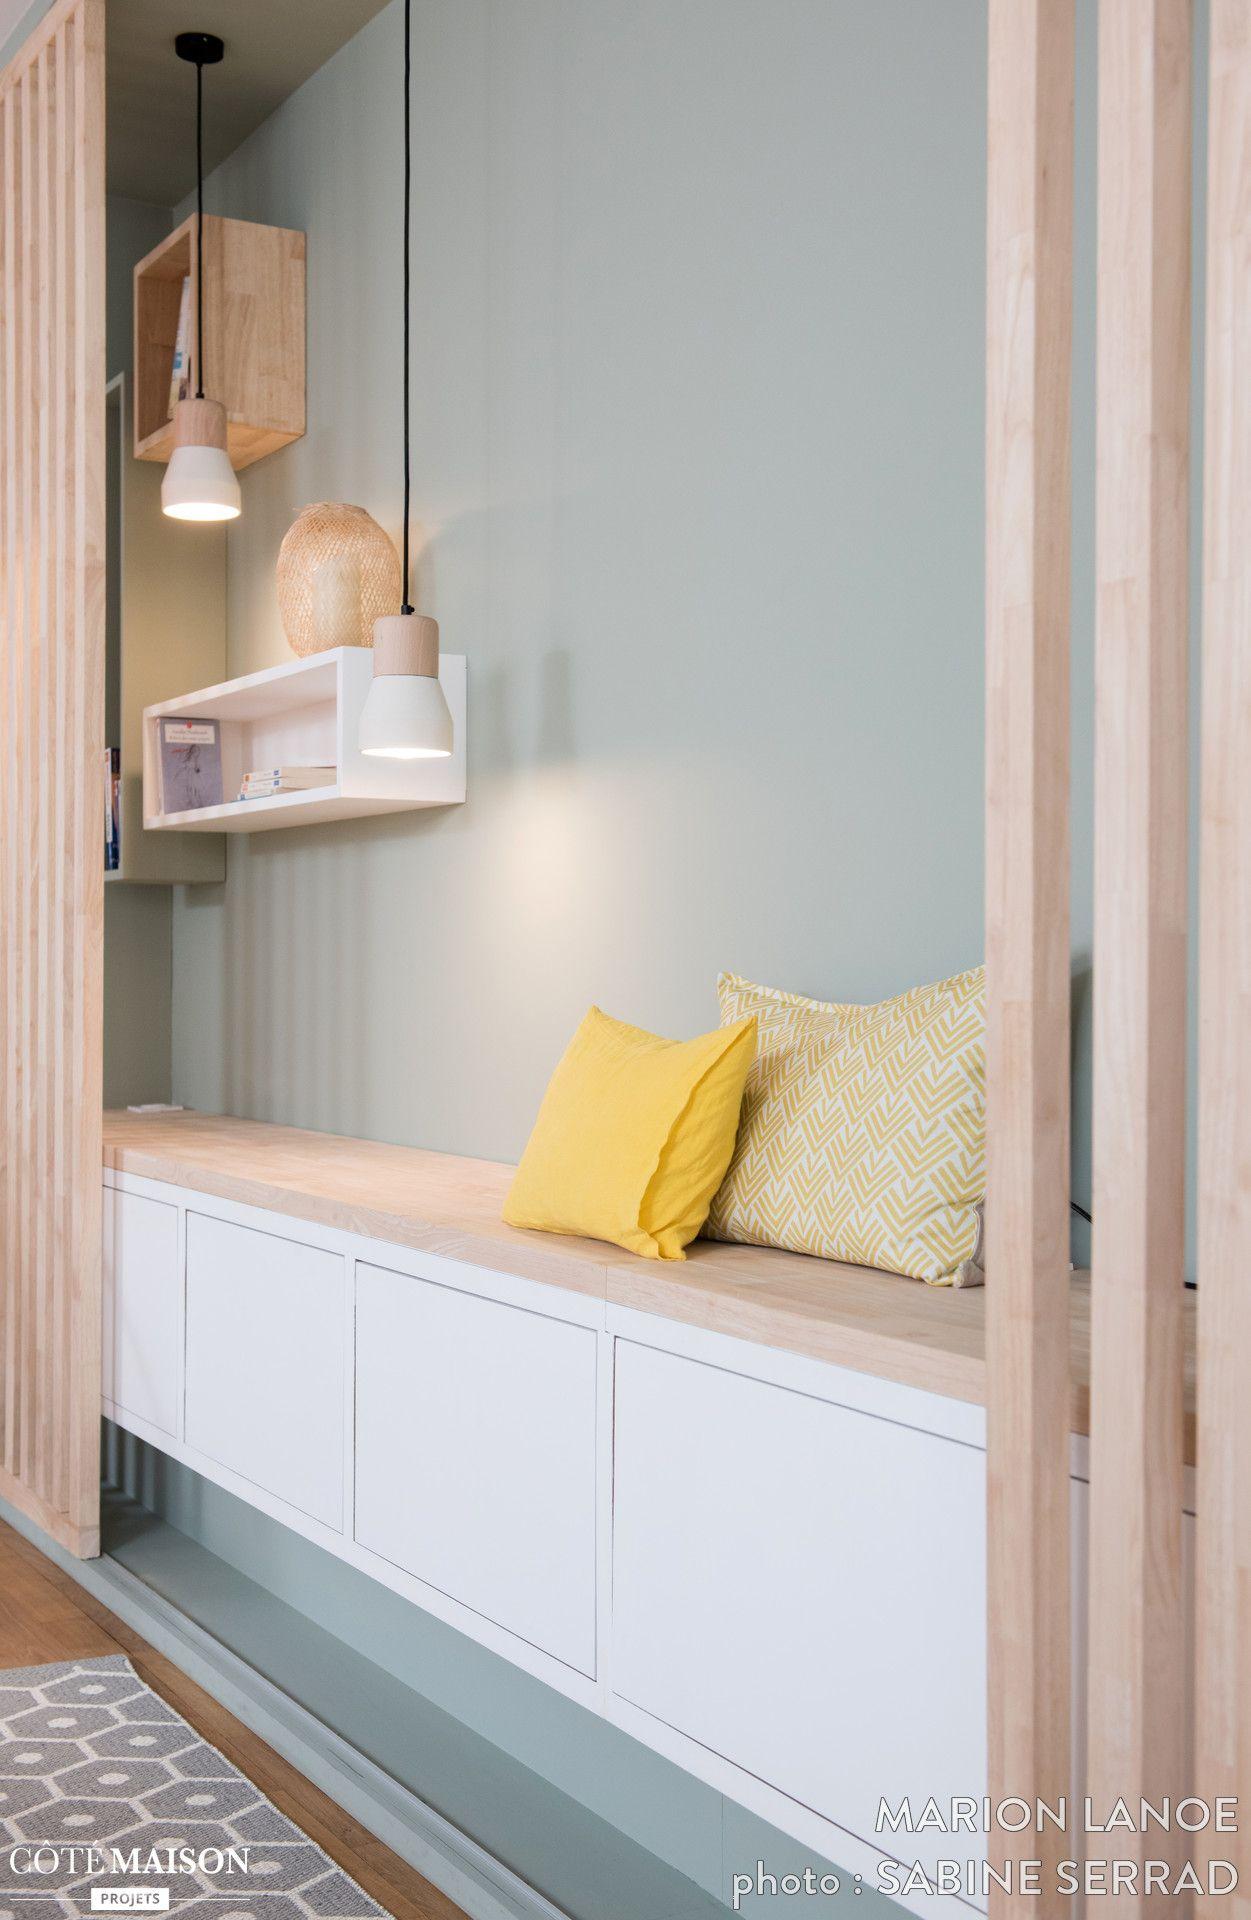 Flur Ideen, Wohn Esszimmer, Willkommen, Pastell, Einrichtung, Rund Ums  Haus, Wohnzimmer Ideen, Runde, Wandgestaltung